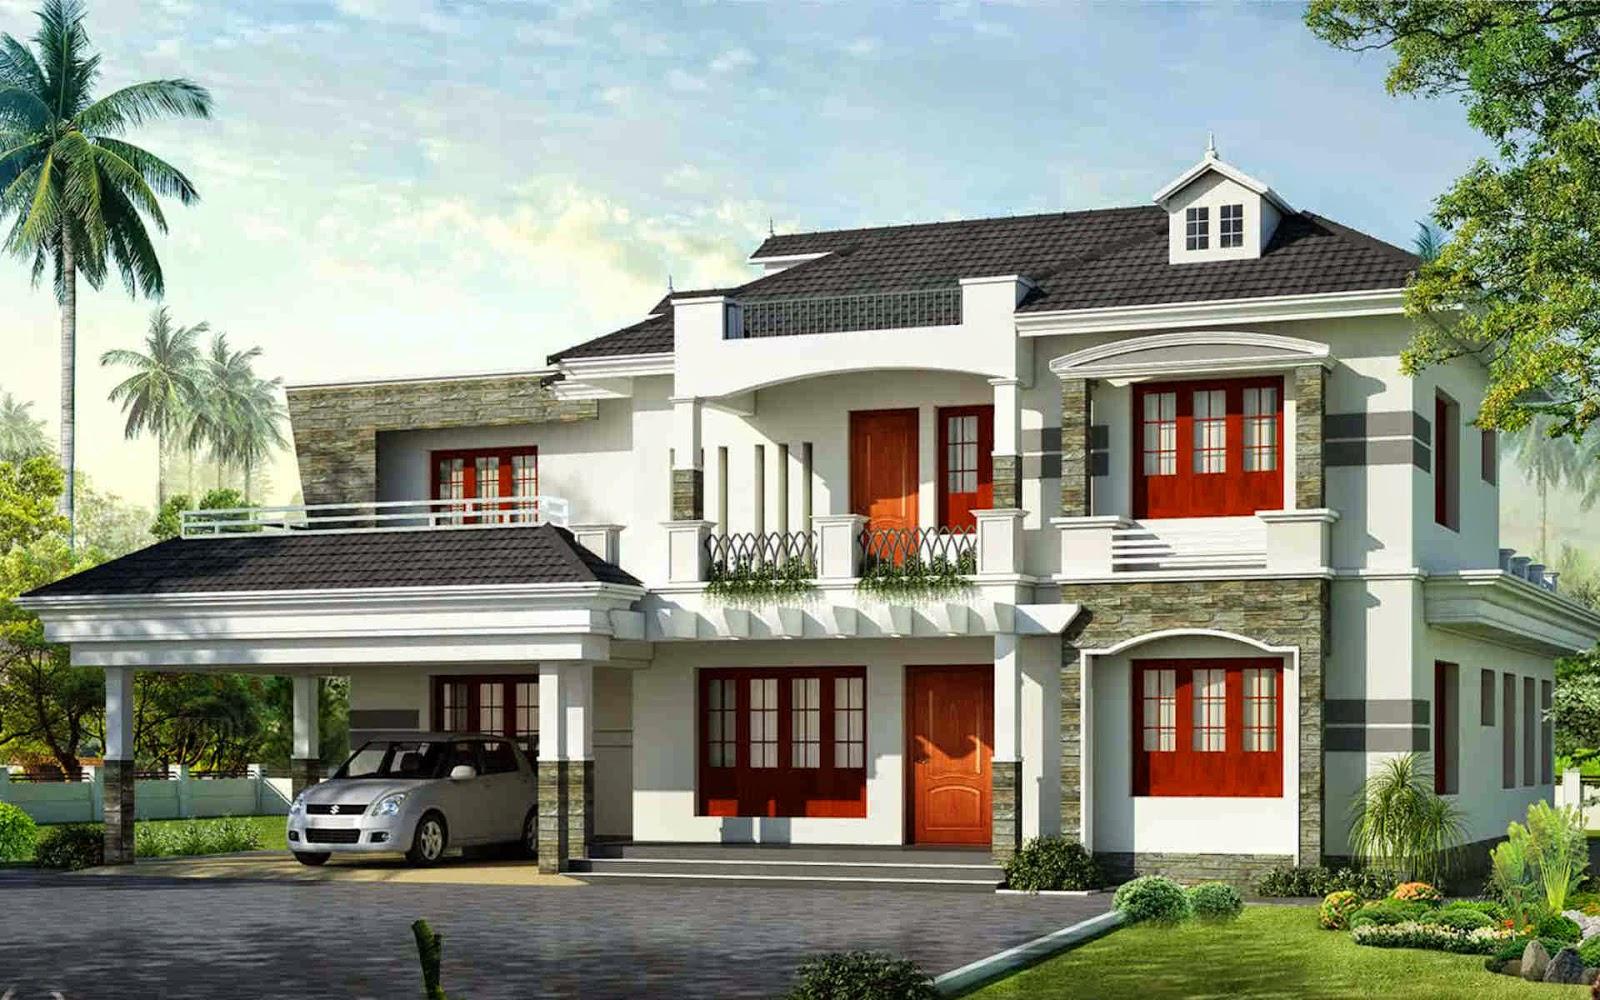 House Exterior Design Pictures Kerala O Wallpaper